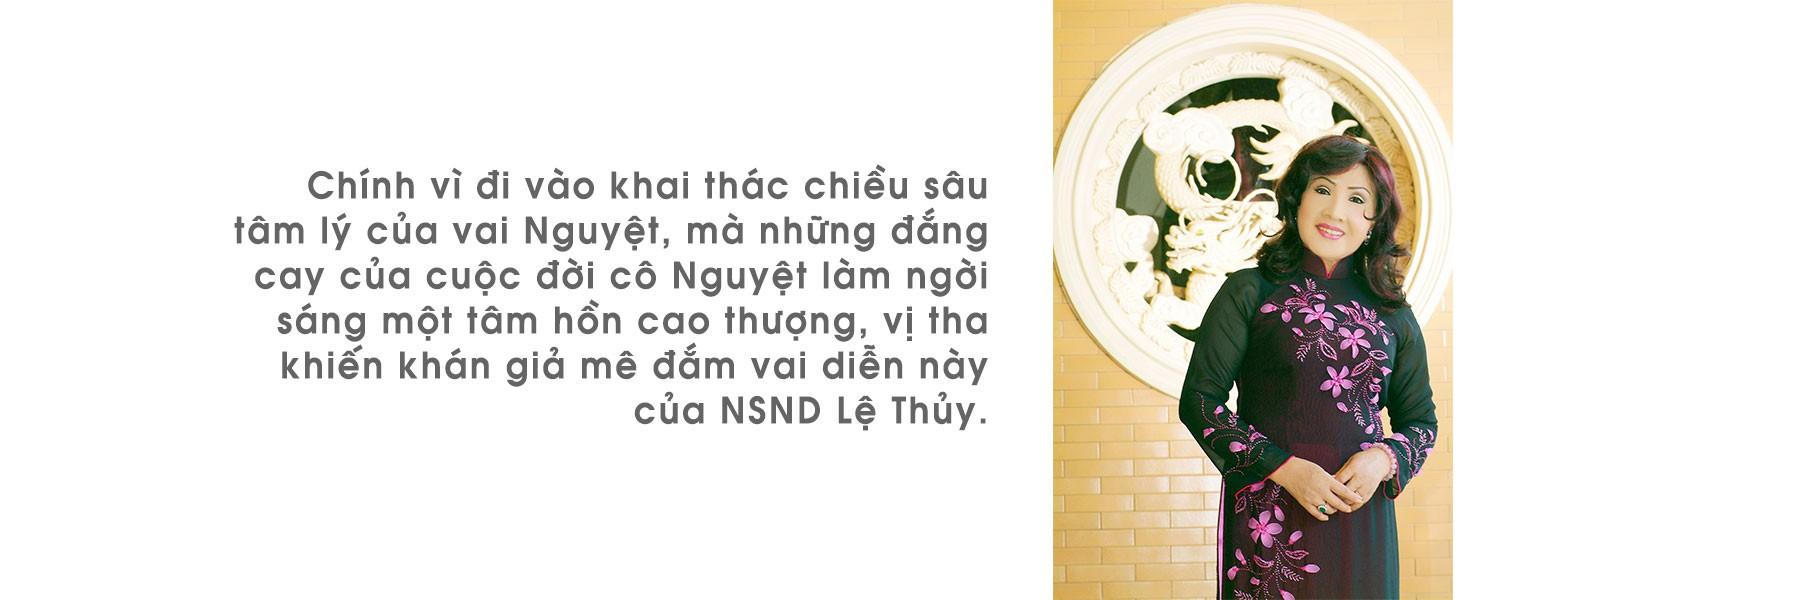 NSND Lệ Thủy – Mỗi vai diễn là cánh mai vàng khoe sắc - Ảnh 9.